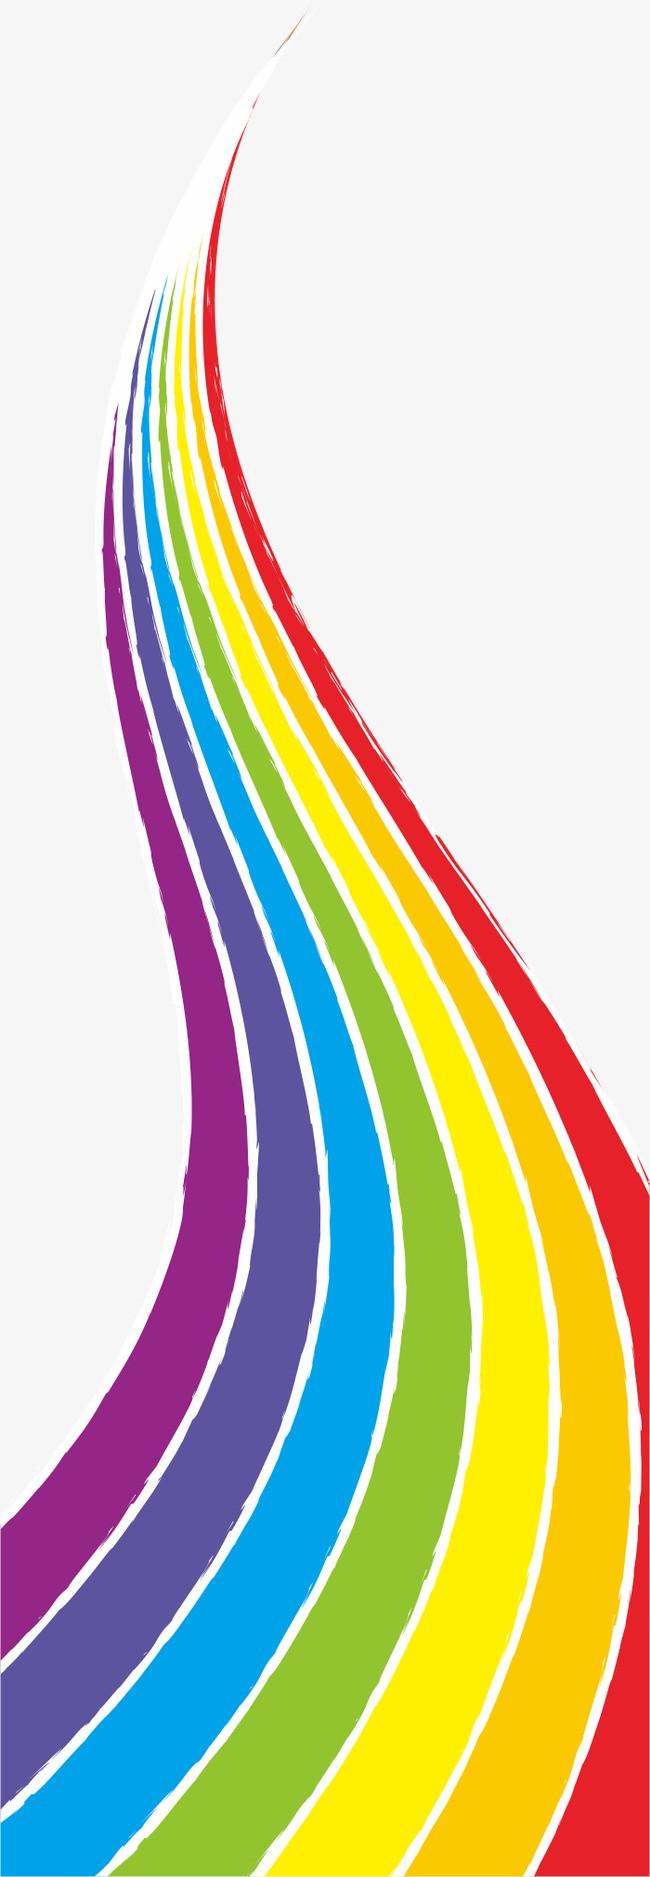 手绘彩虹【高清装饰元素png素材】-90设计